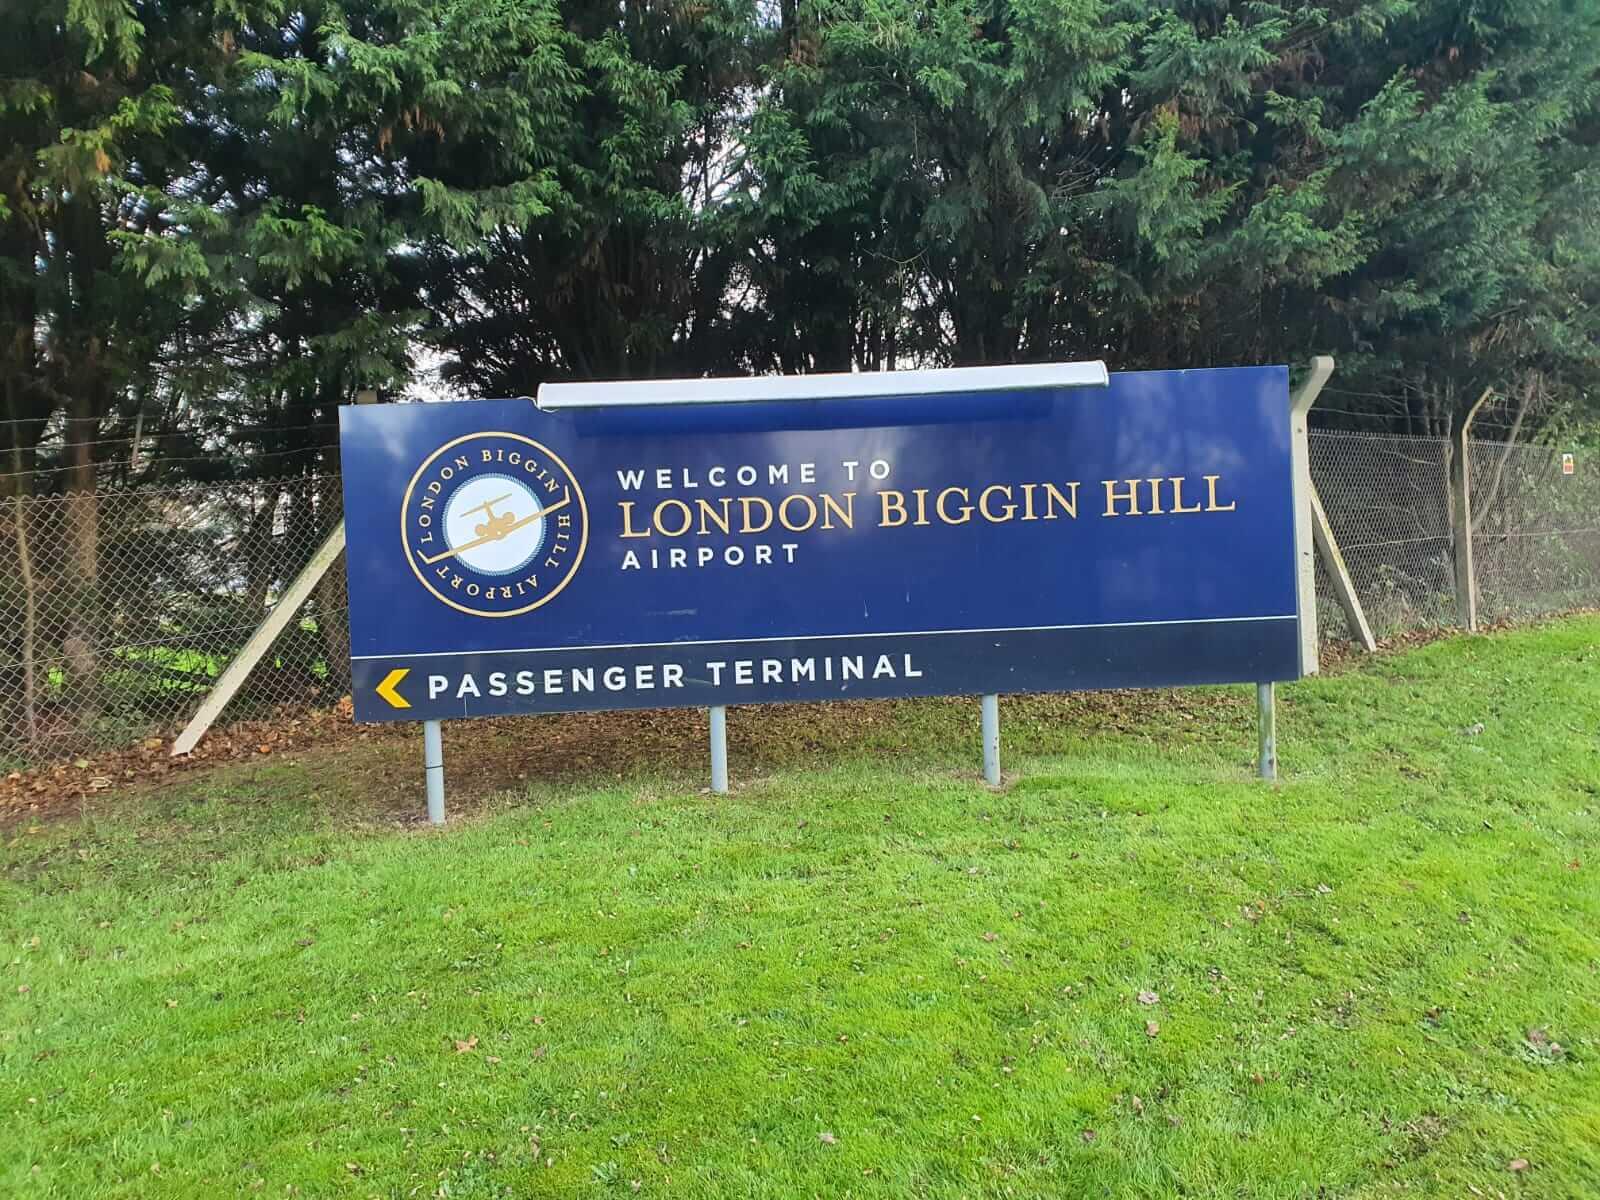 Biggin-Hill-Airport.jpeg